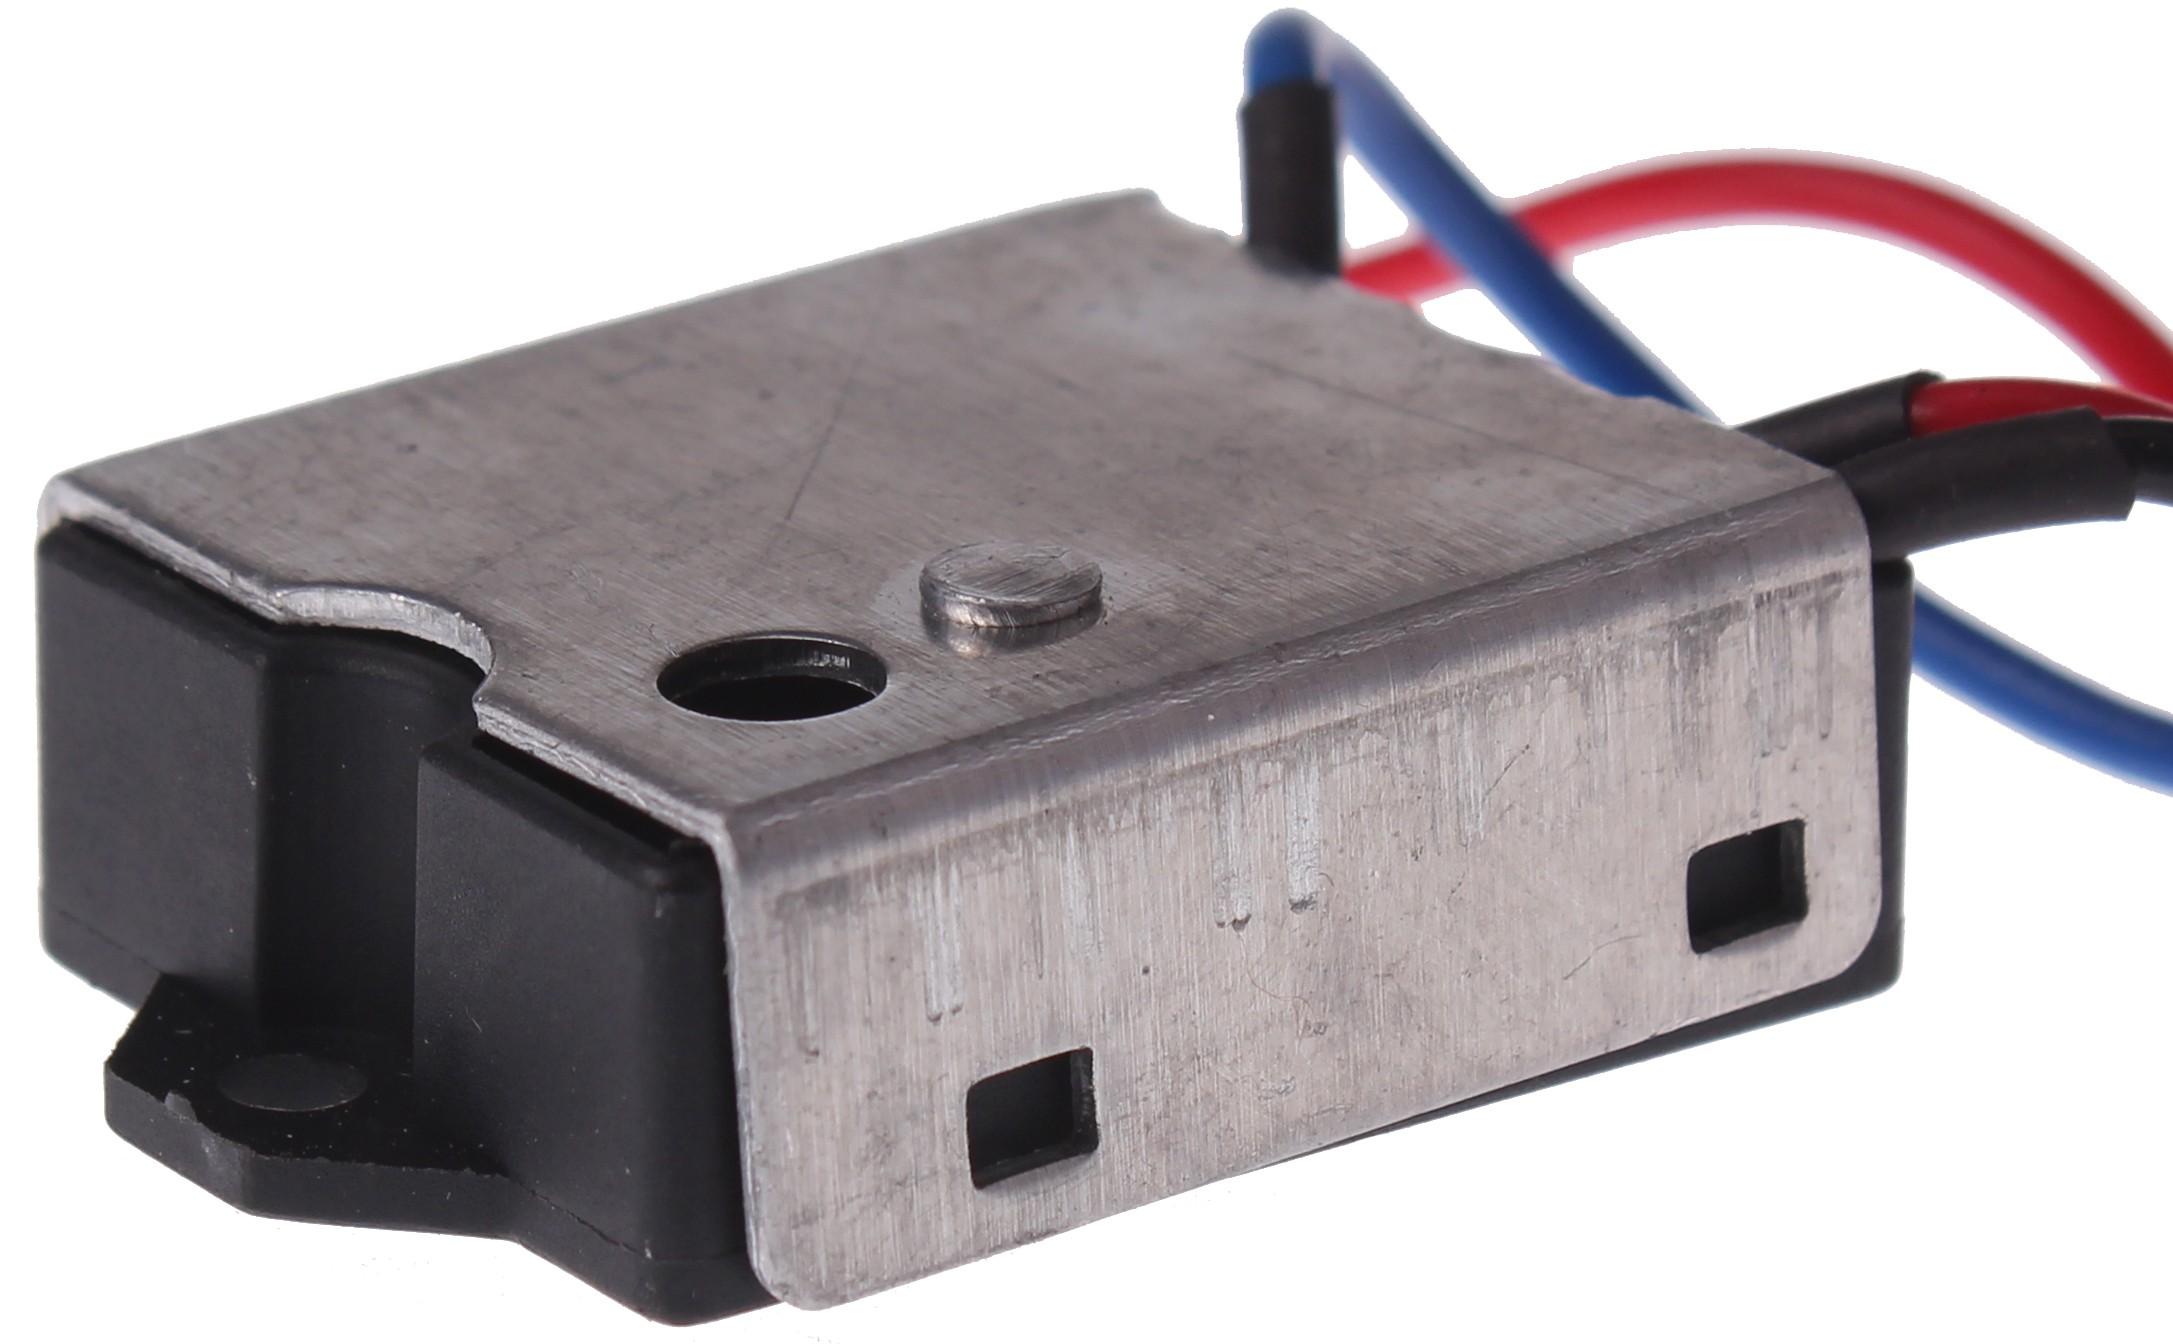 16A Sanftanlauf für Elektrowerkzeuge zb. Tischkreissägen 230V